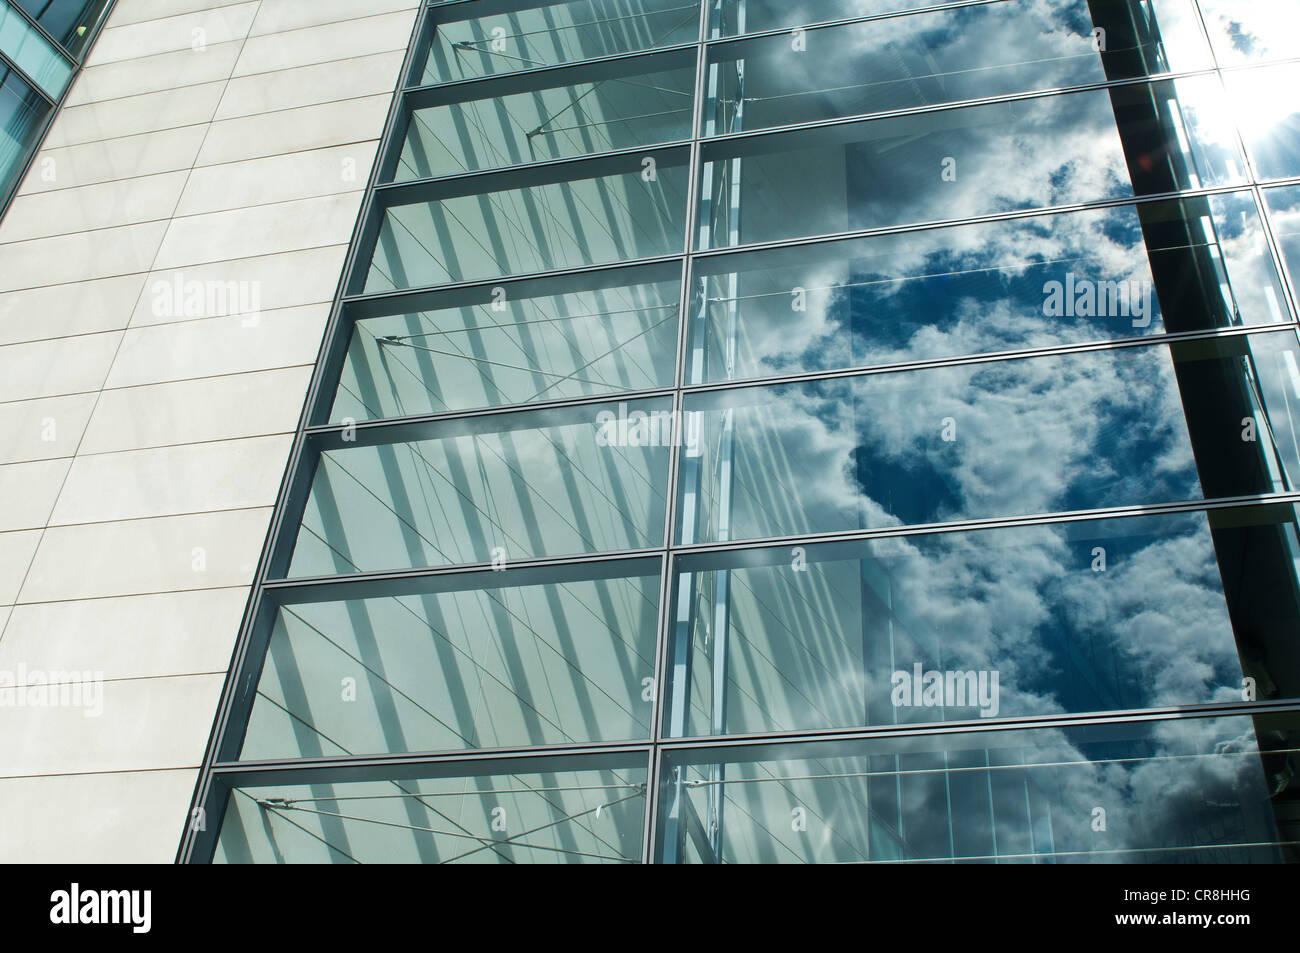 Ciel nuageux Ciel bleu reflété dans office windows Photo Stock